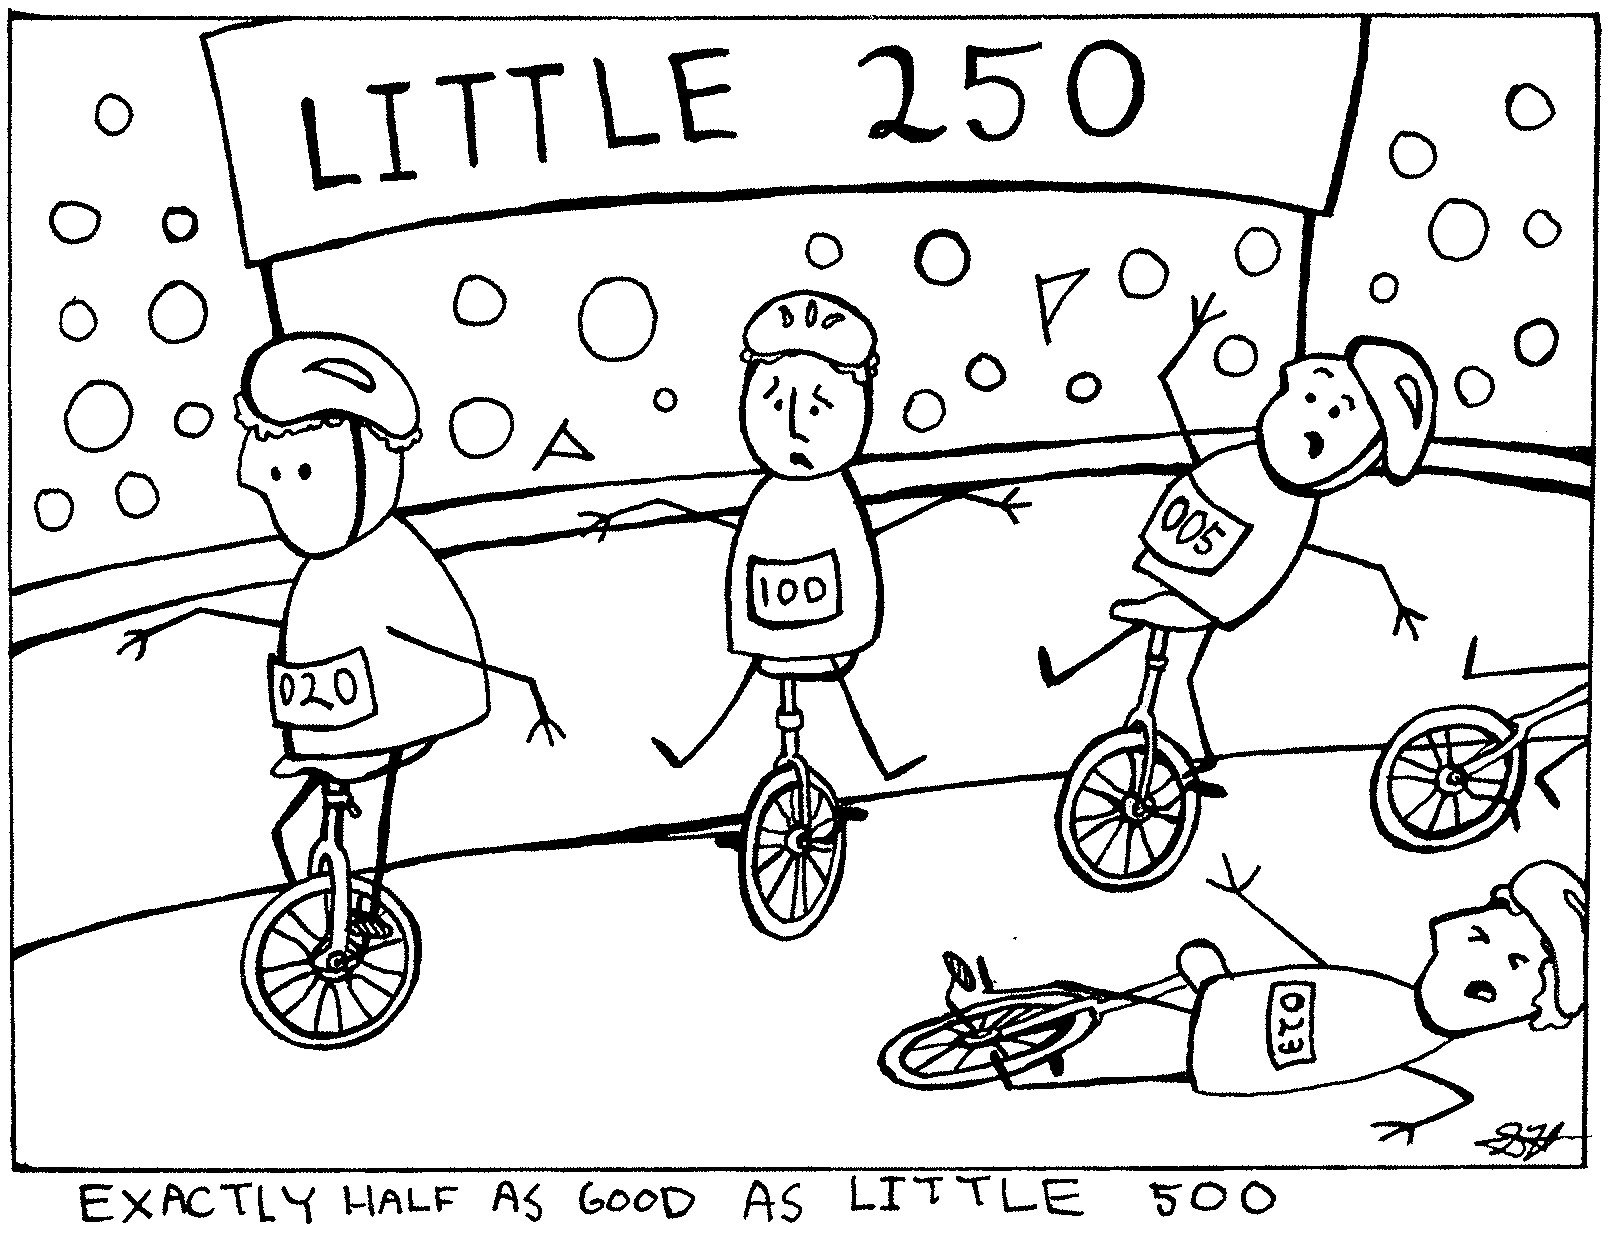 Little 250